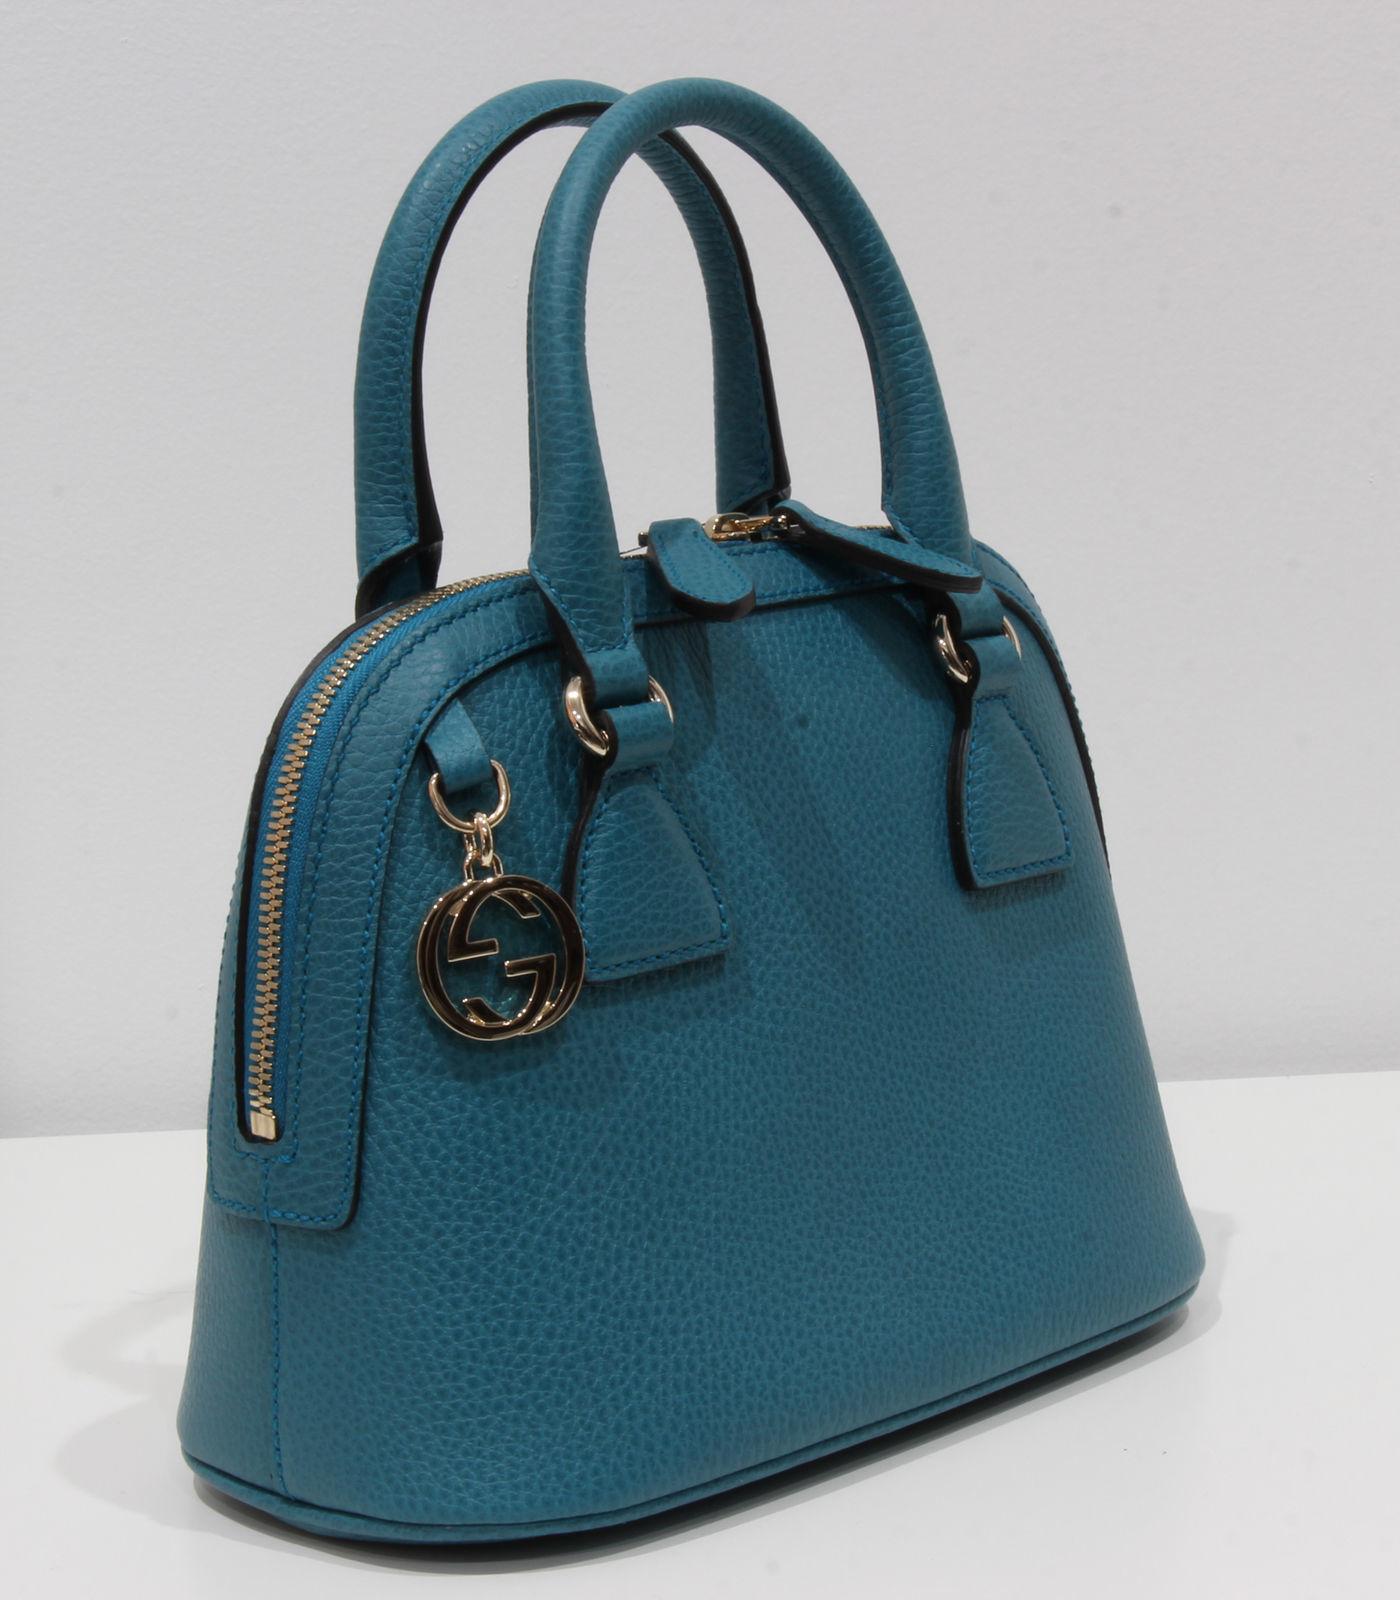 e2764858332 ... GUCCI 449661 Interlocking G Convertible Mini Dome Leather Handbag